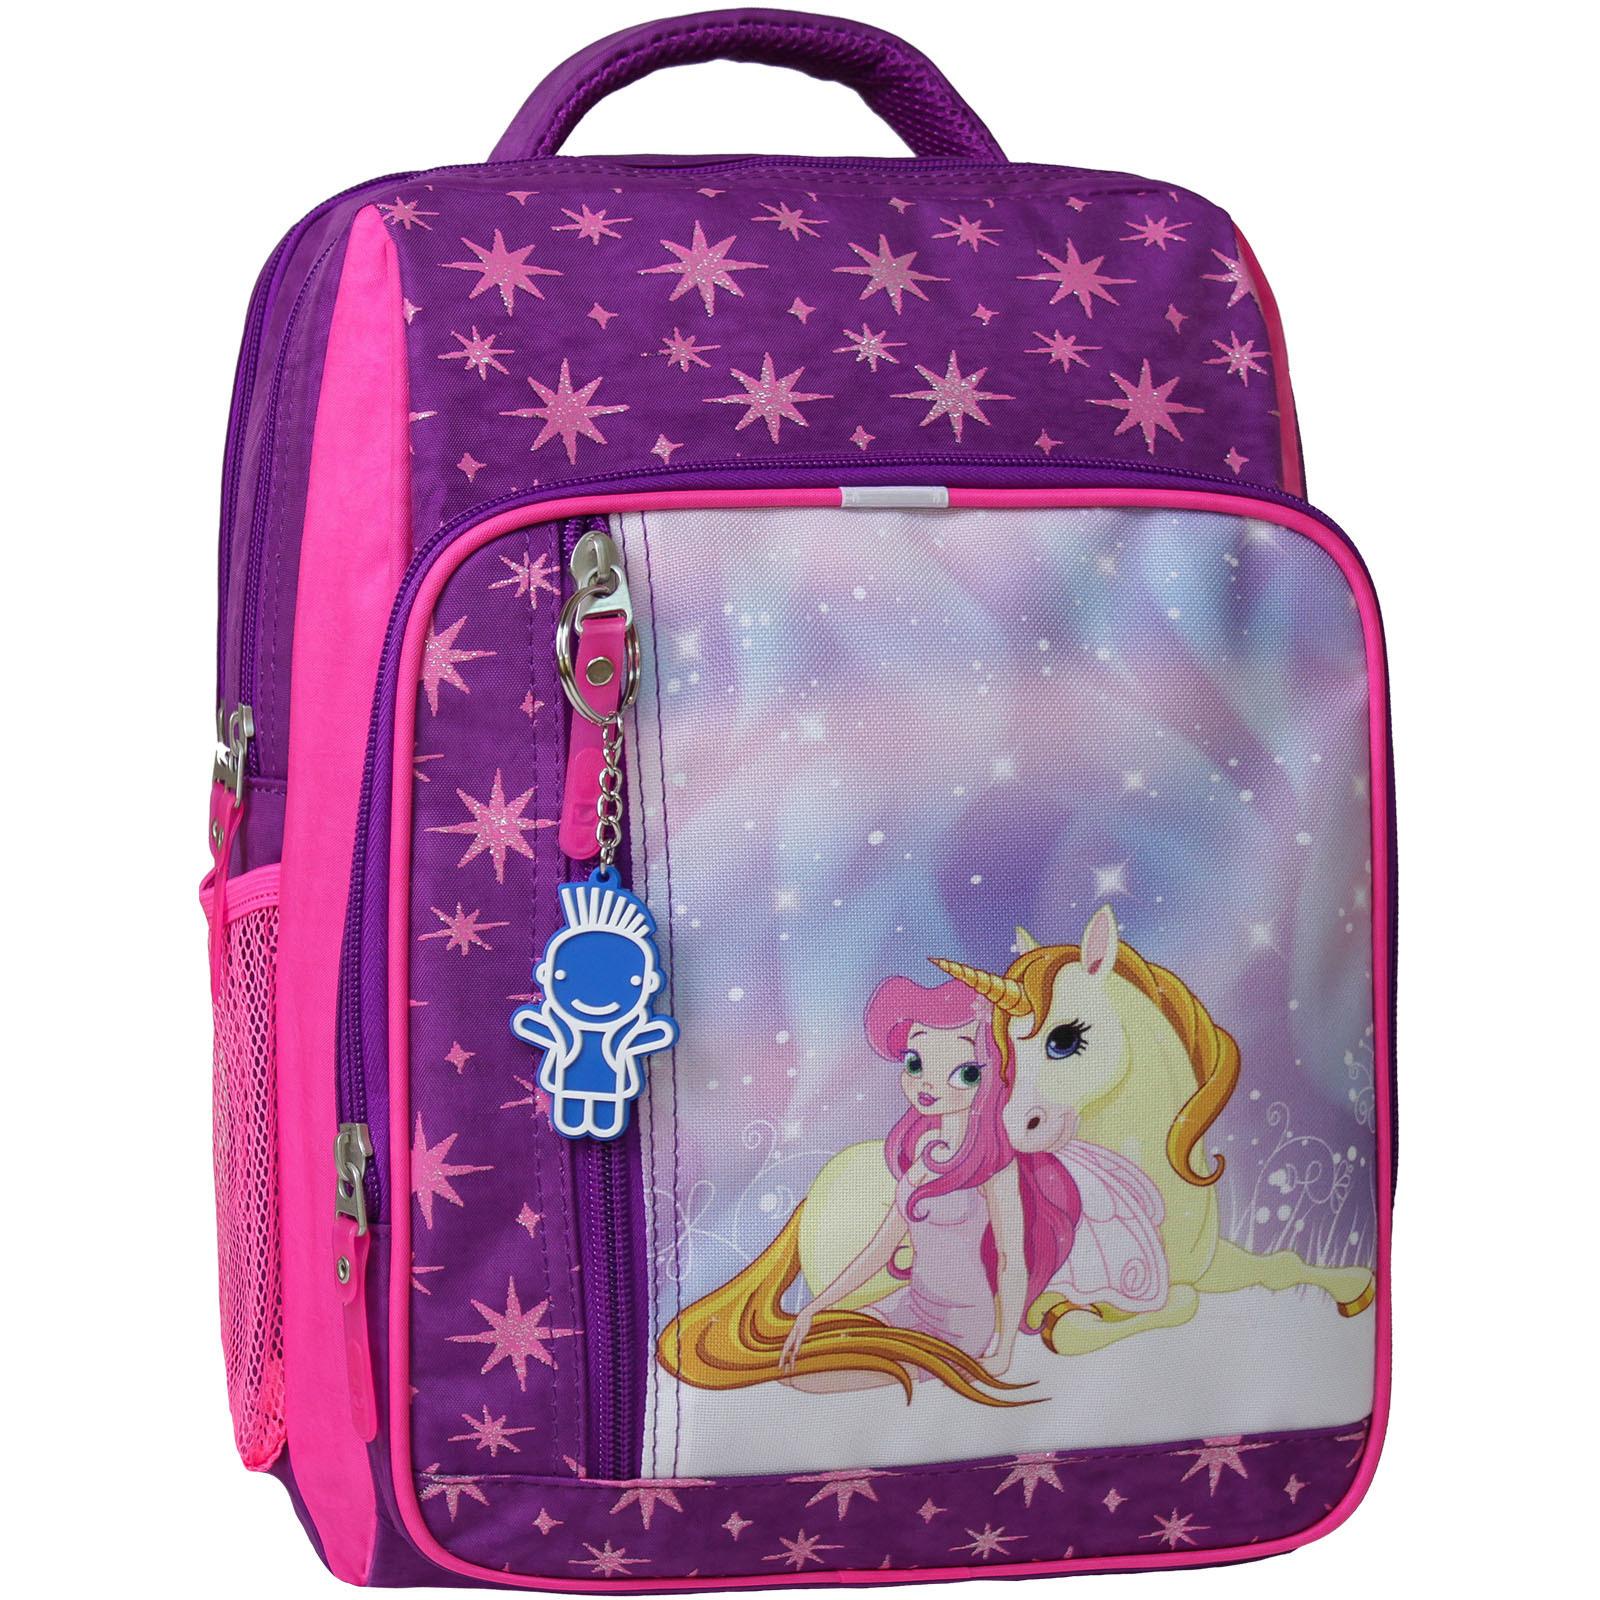 Школьные рюкзаки Рюкзак школьный Bagland Школьник 8 л. фиолетовый 387 (0012870) IMG_5862-1600-387.jpg